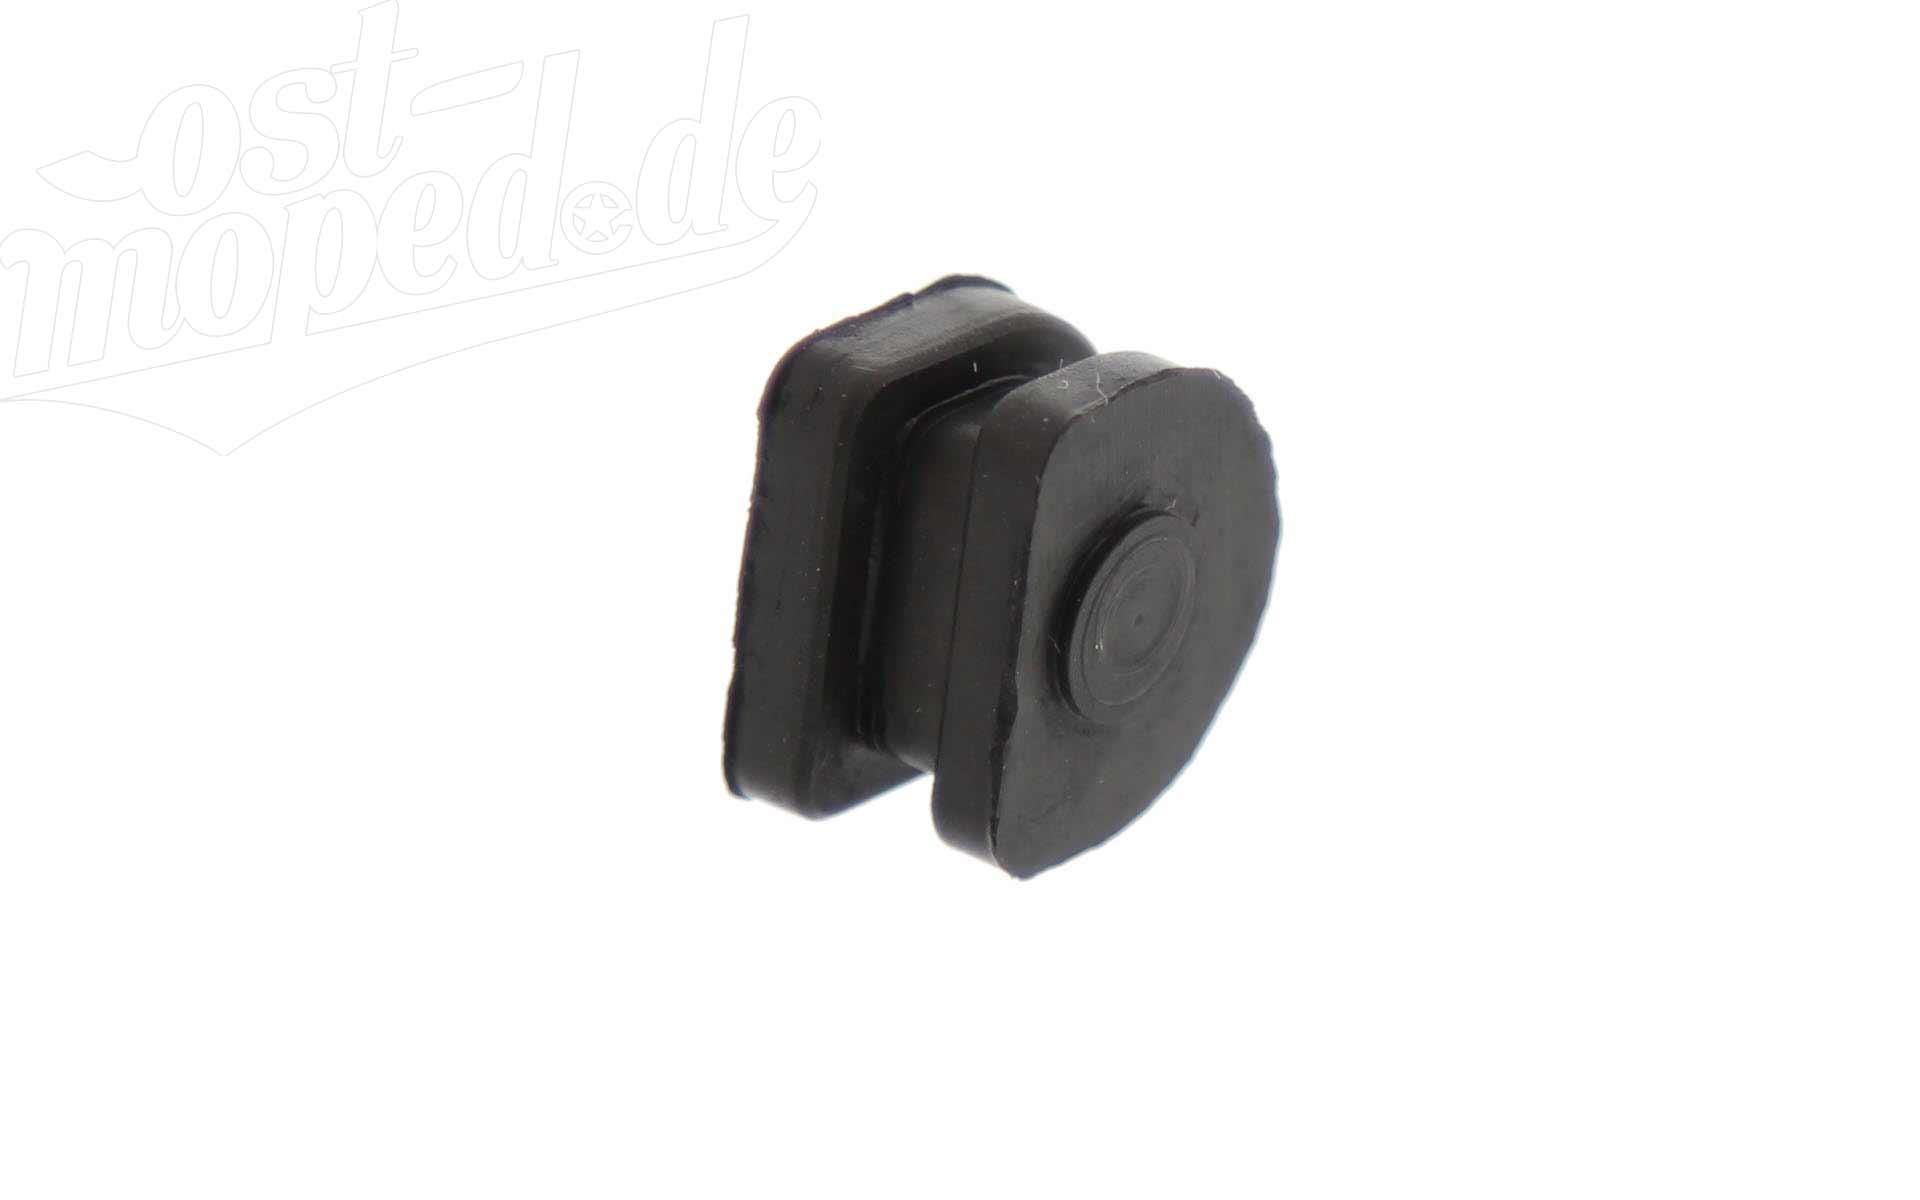 S51 Kabeldurchf/ührung Geh/äusemittelteil S50 S70* Gummi